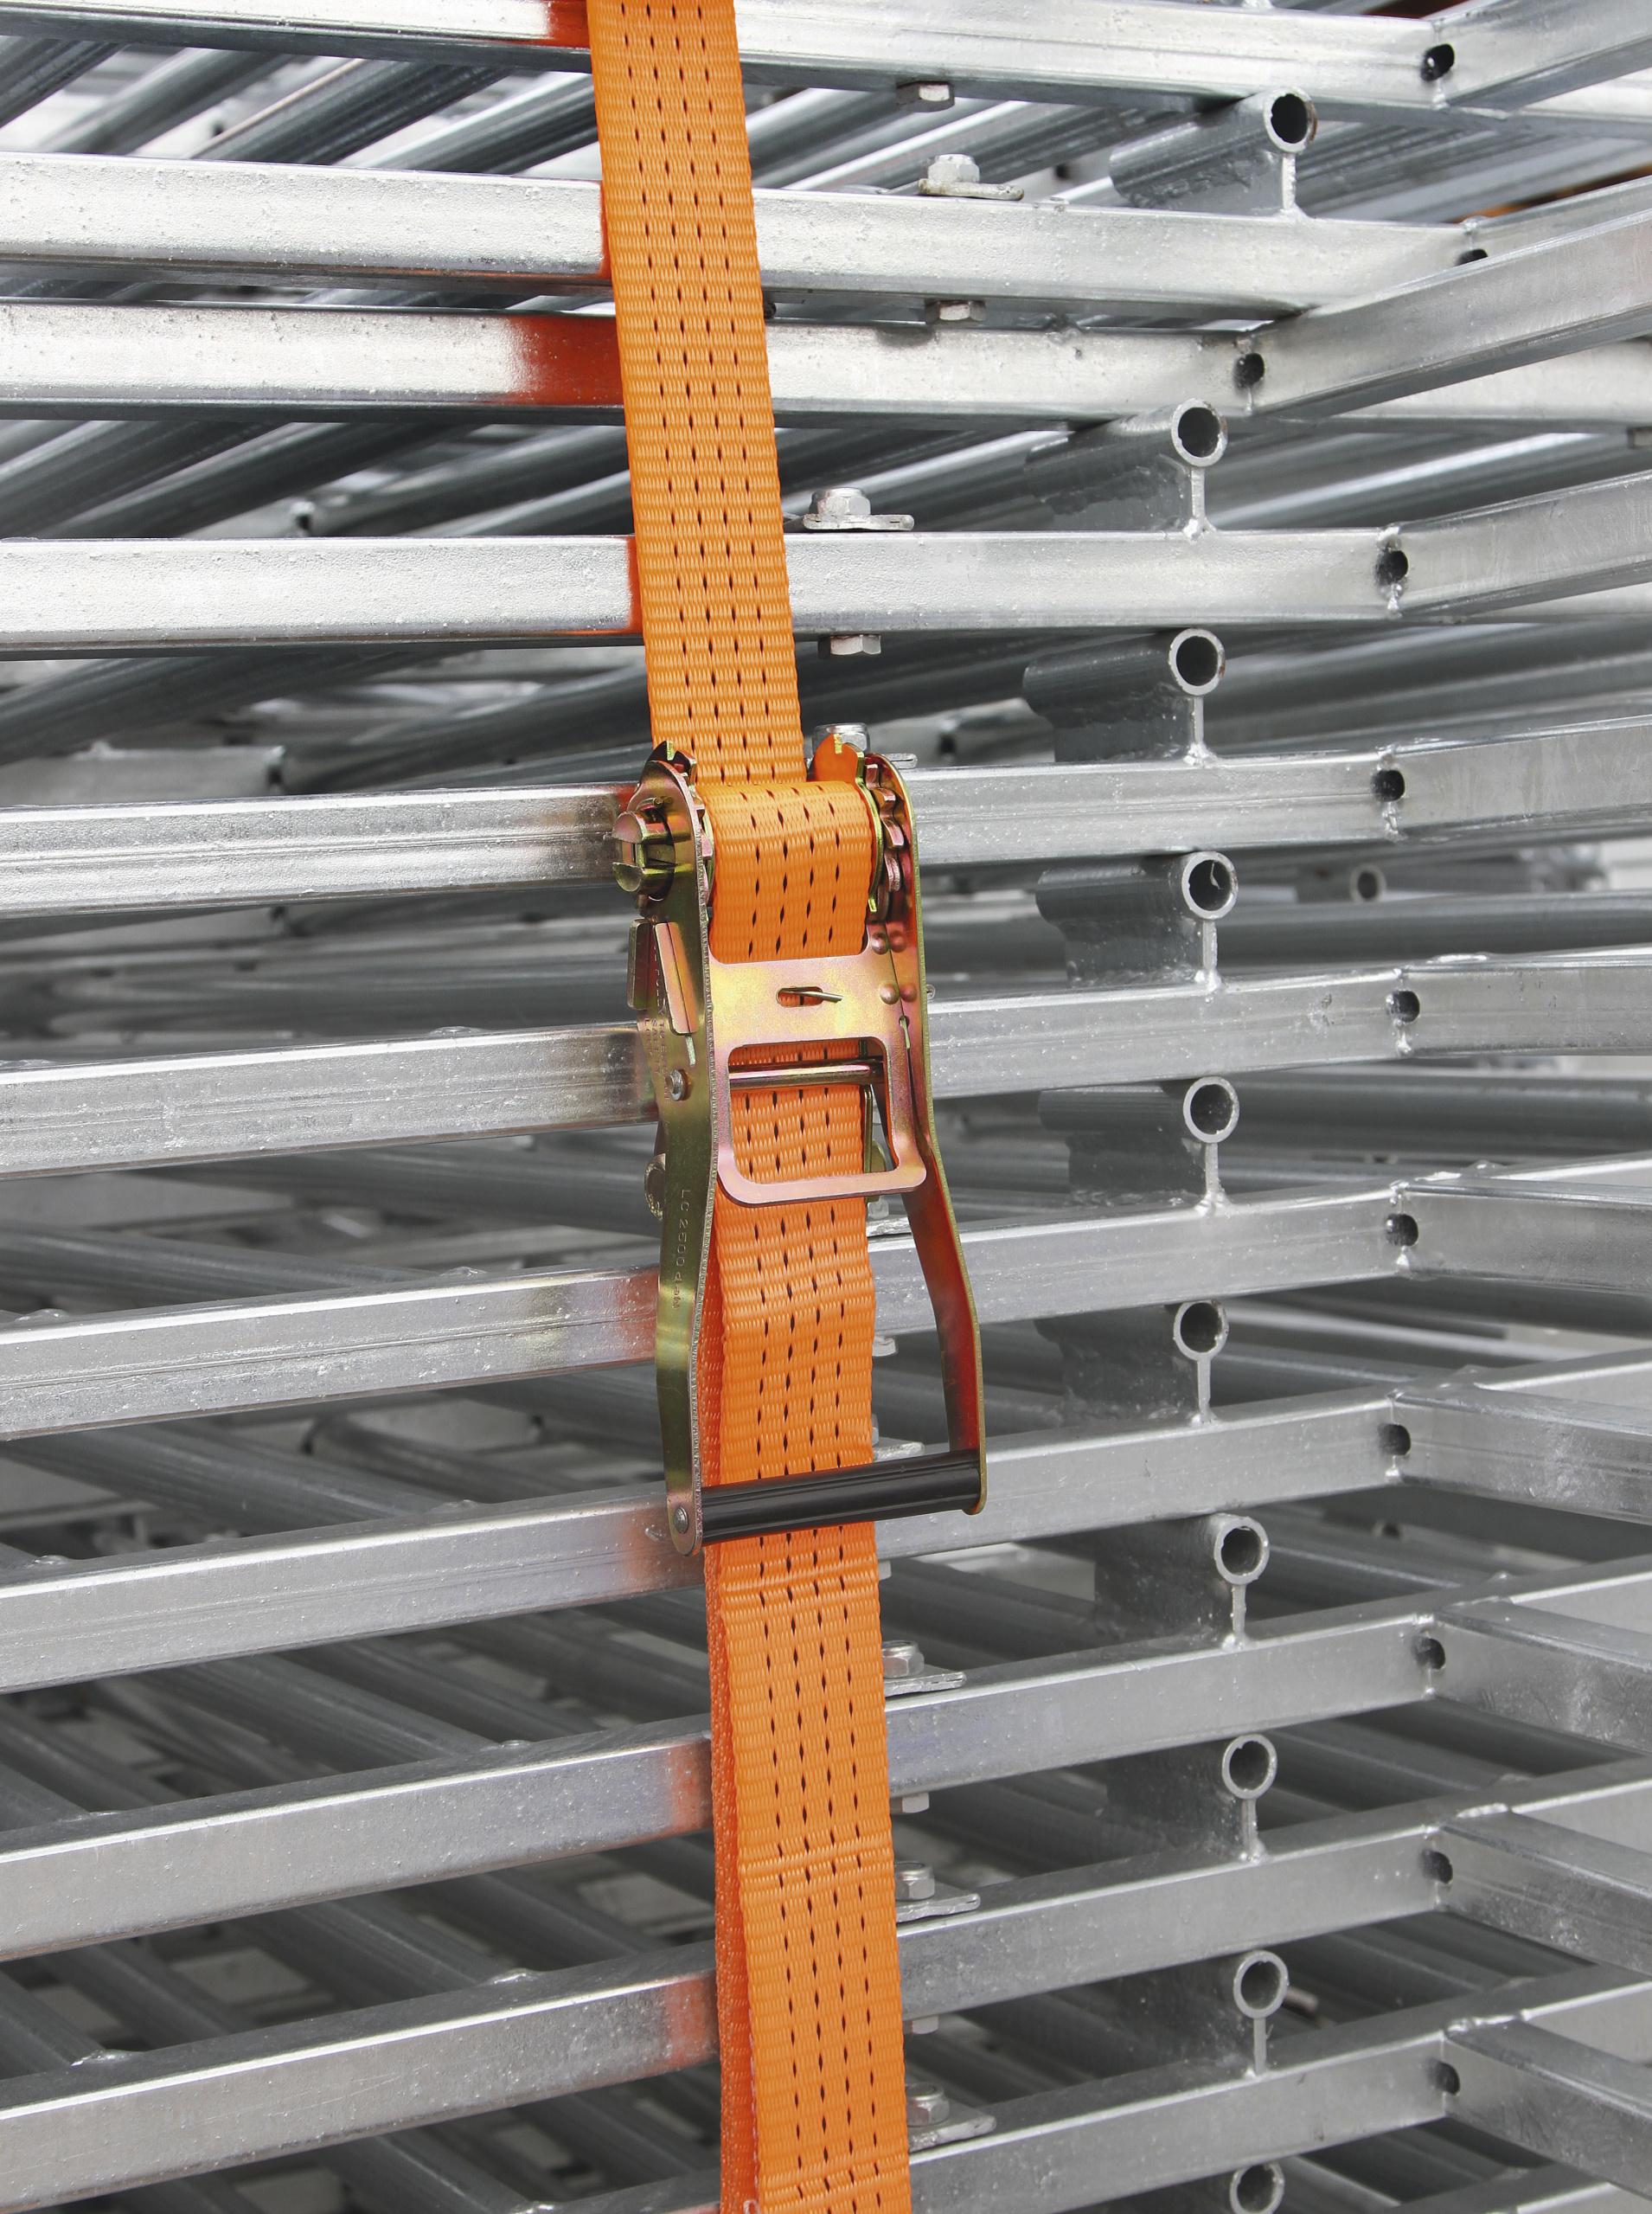 Ratschenzurrgurt zweiteilig 50mm / 15m, Zurrkraft 4000 kg